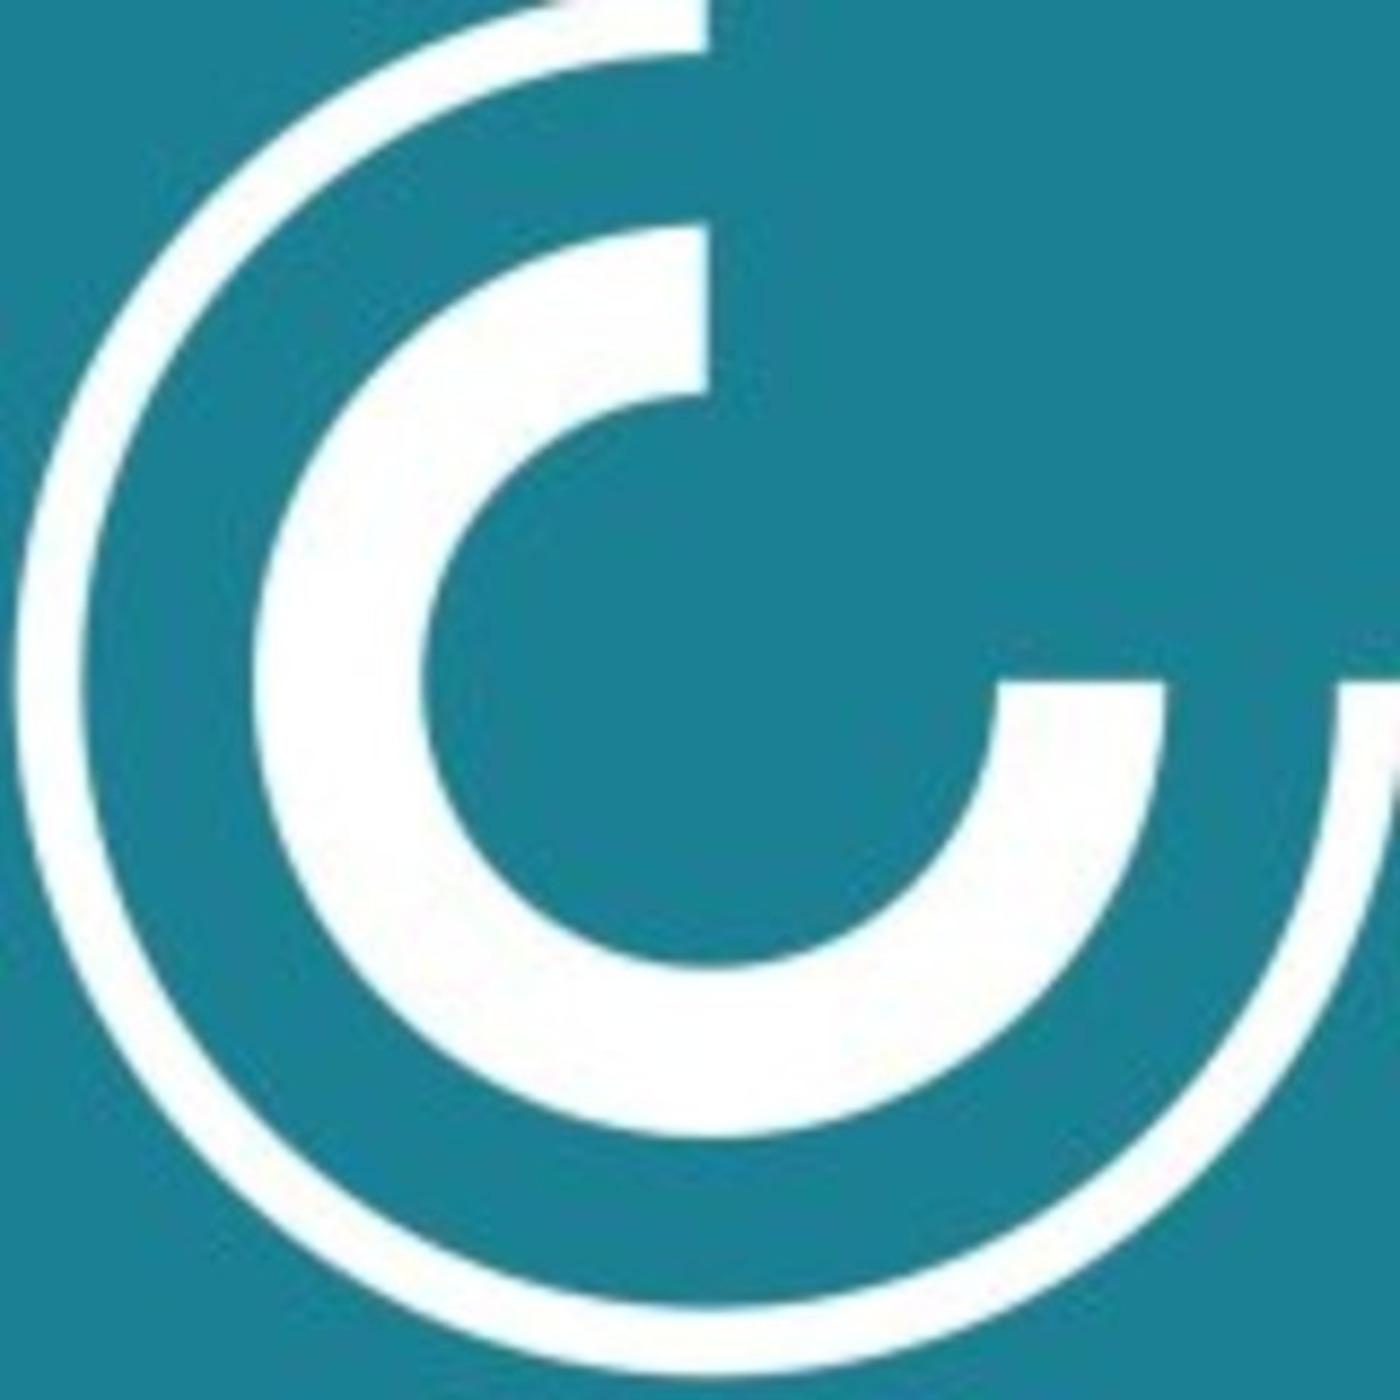 CCNI's Podcast